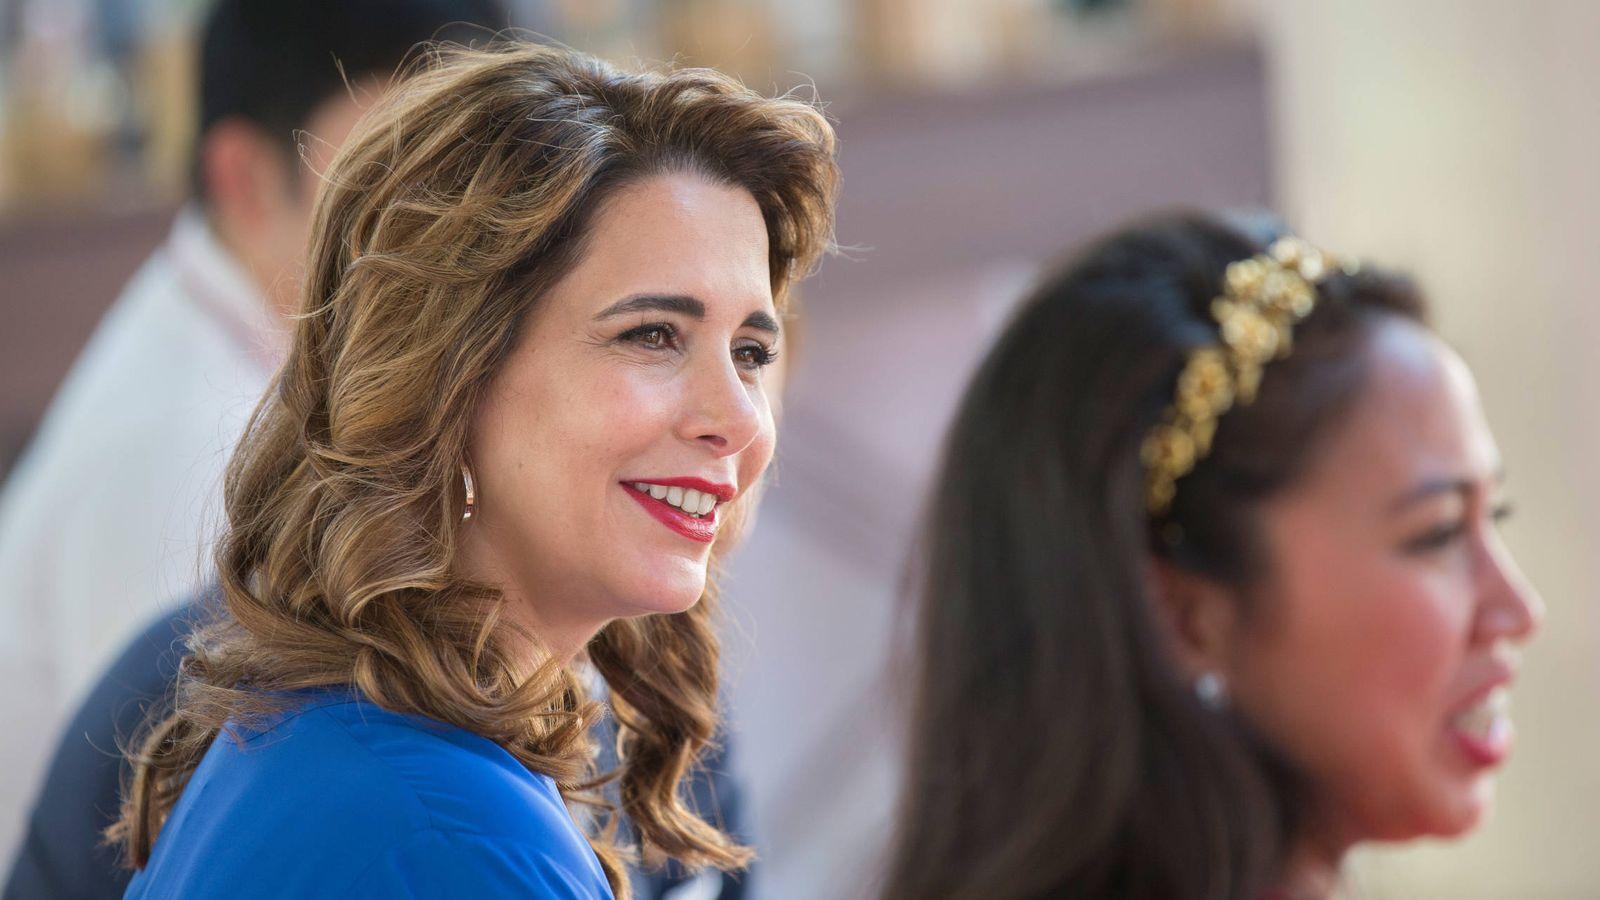 Foto: La princesa Haya de Jordania en una imagen de archivo. (Getty)